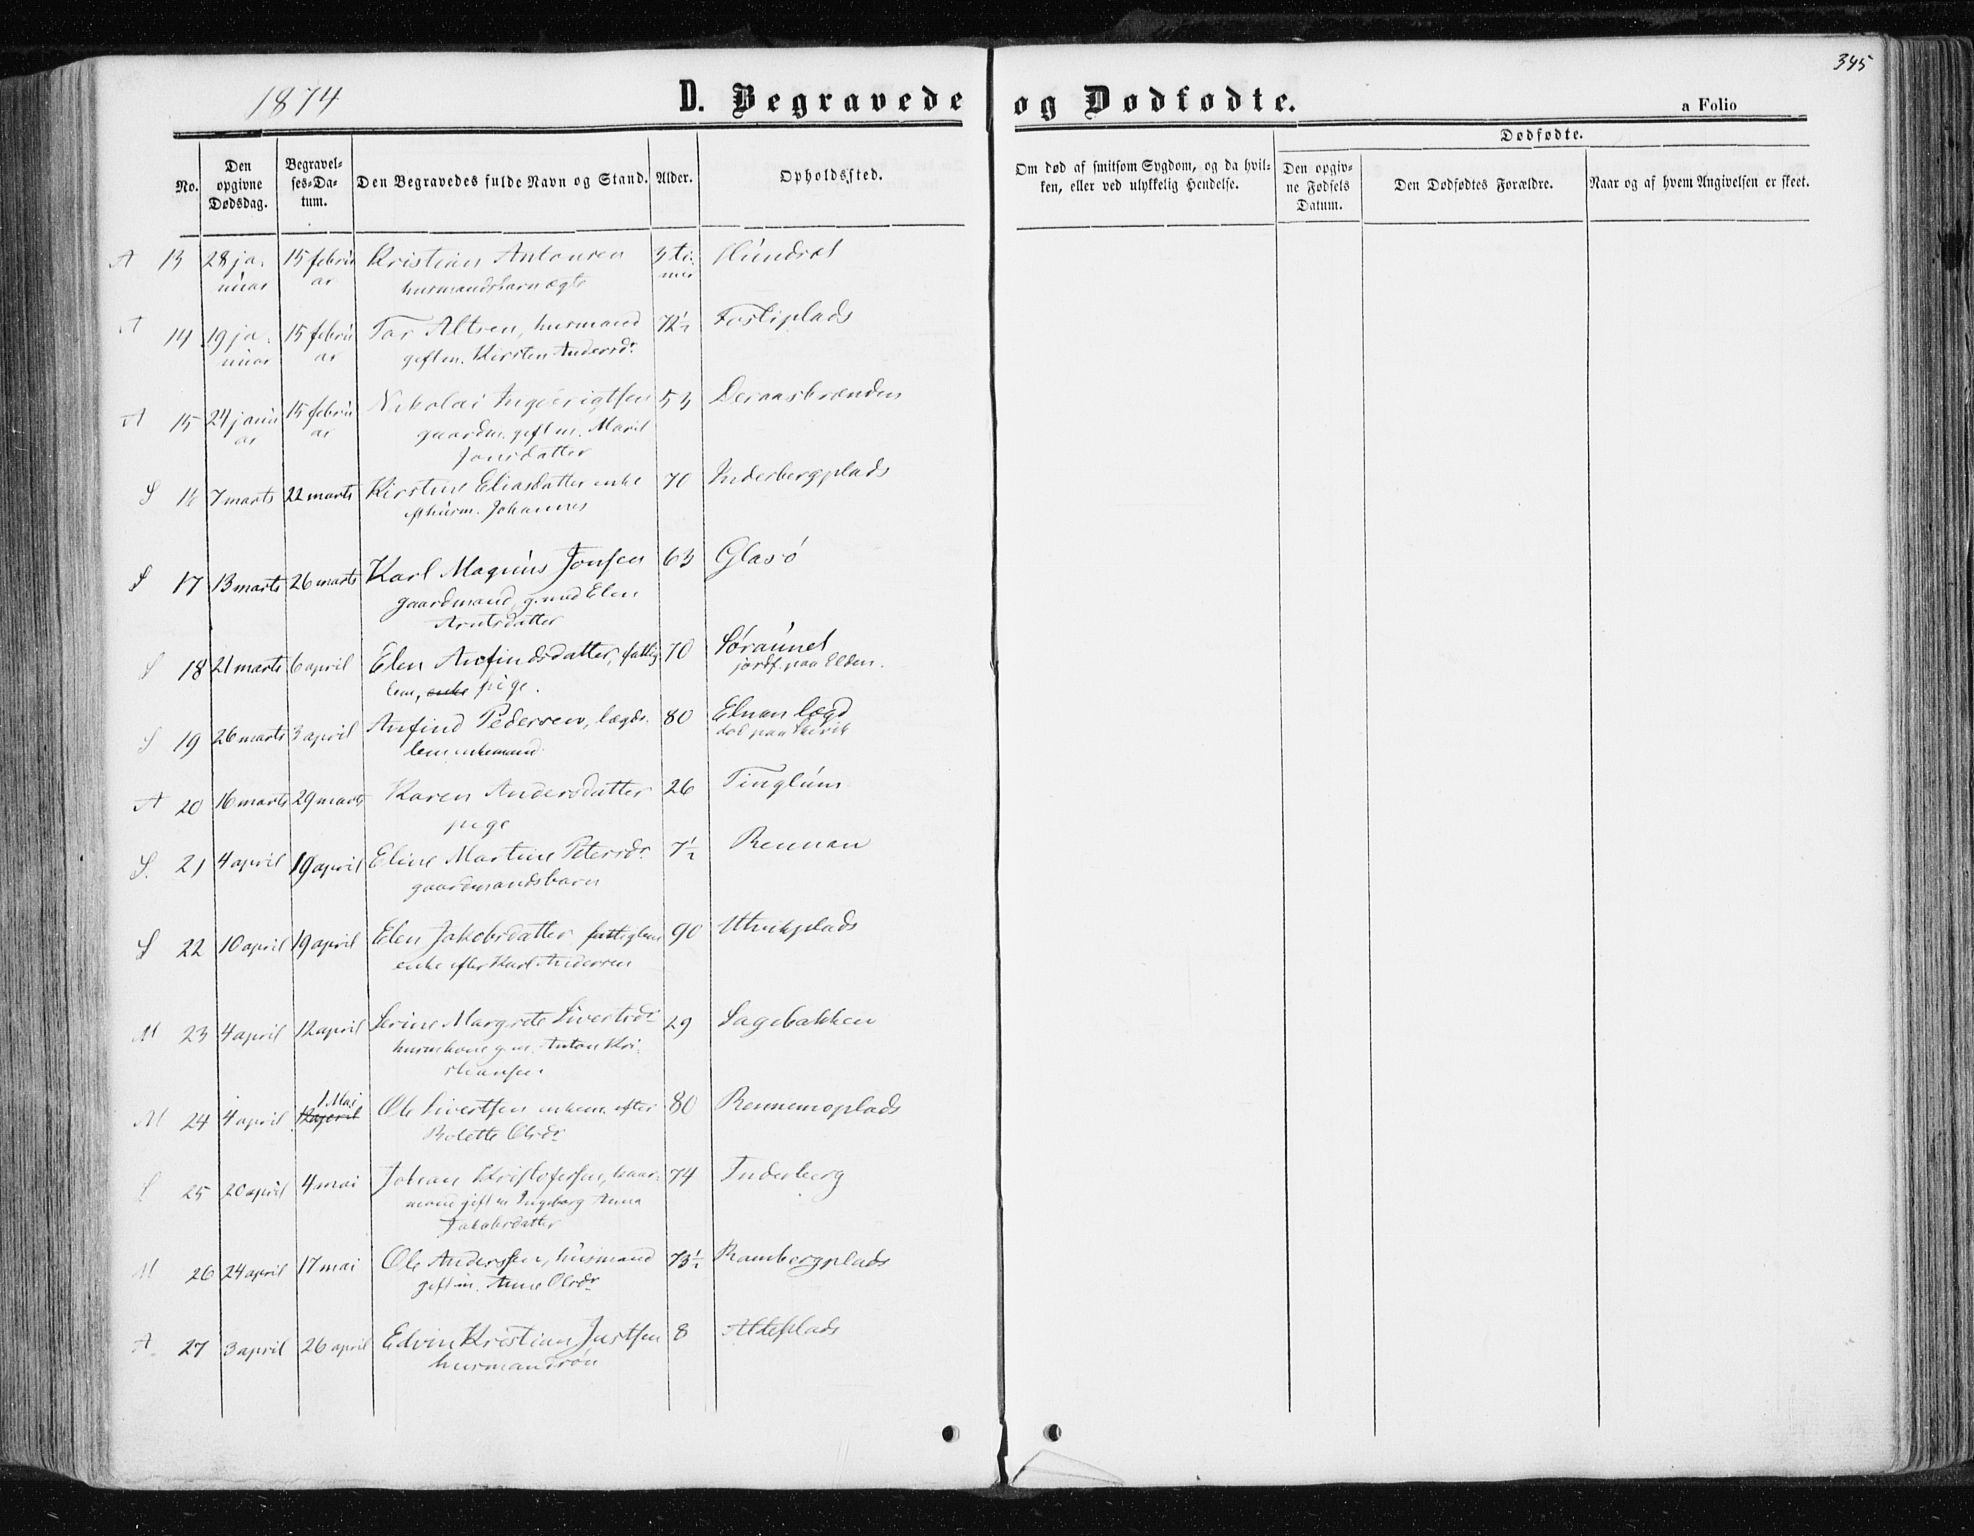 SAT, Ministerialprotokoller, klokkerbøker og fødselsregistre - Nord-Trøndelag, 741/L0394: Ministerialbok nr. 741A08, 1864-1877, s. 345